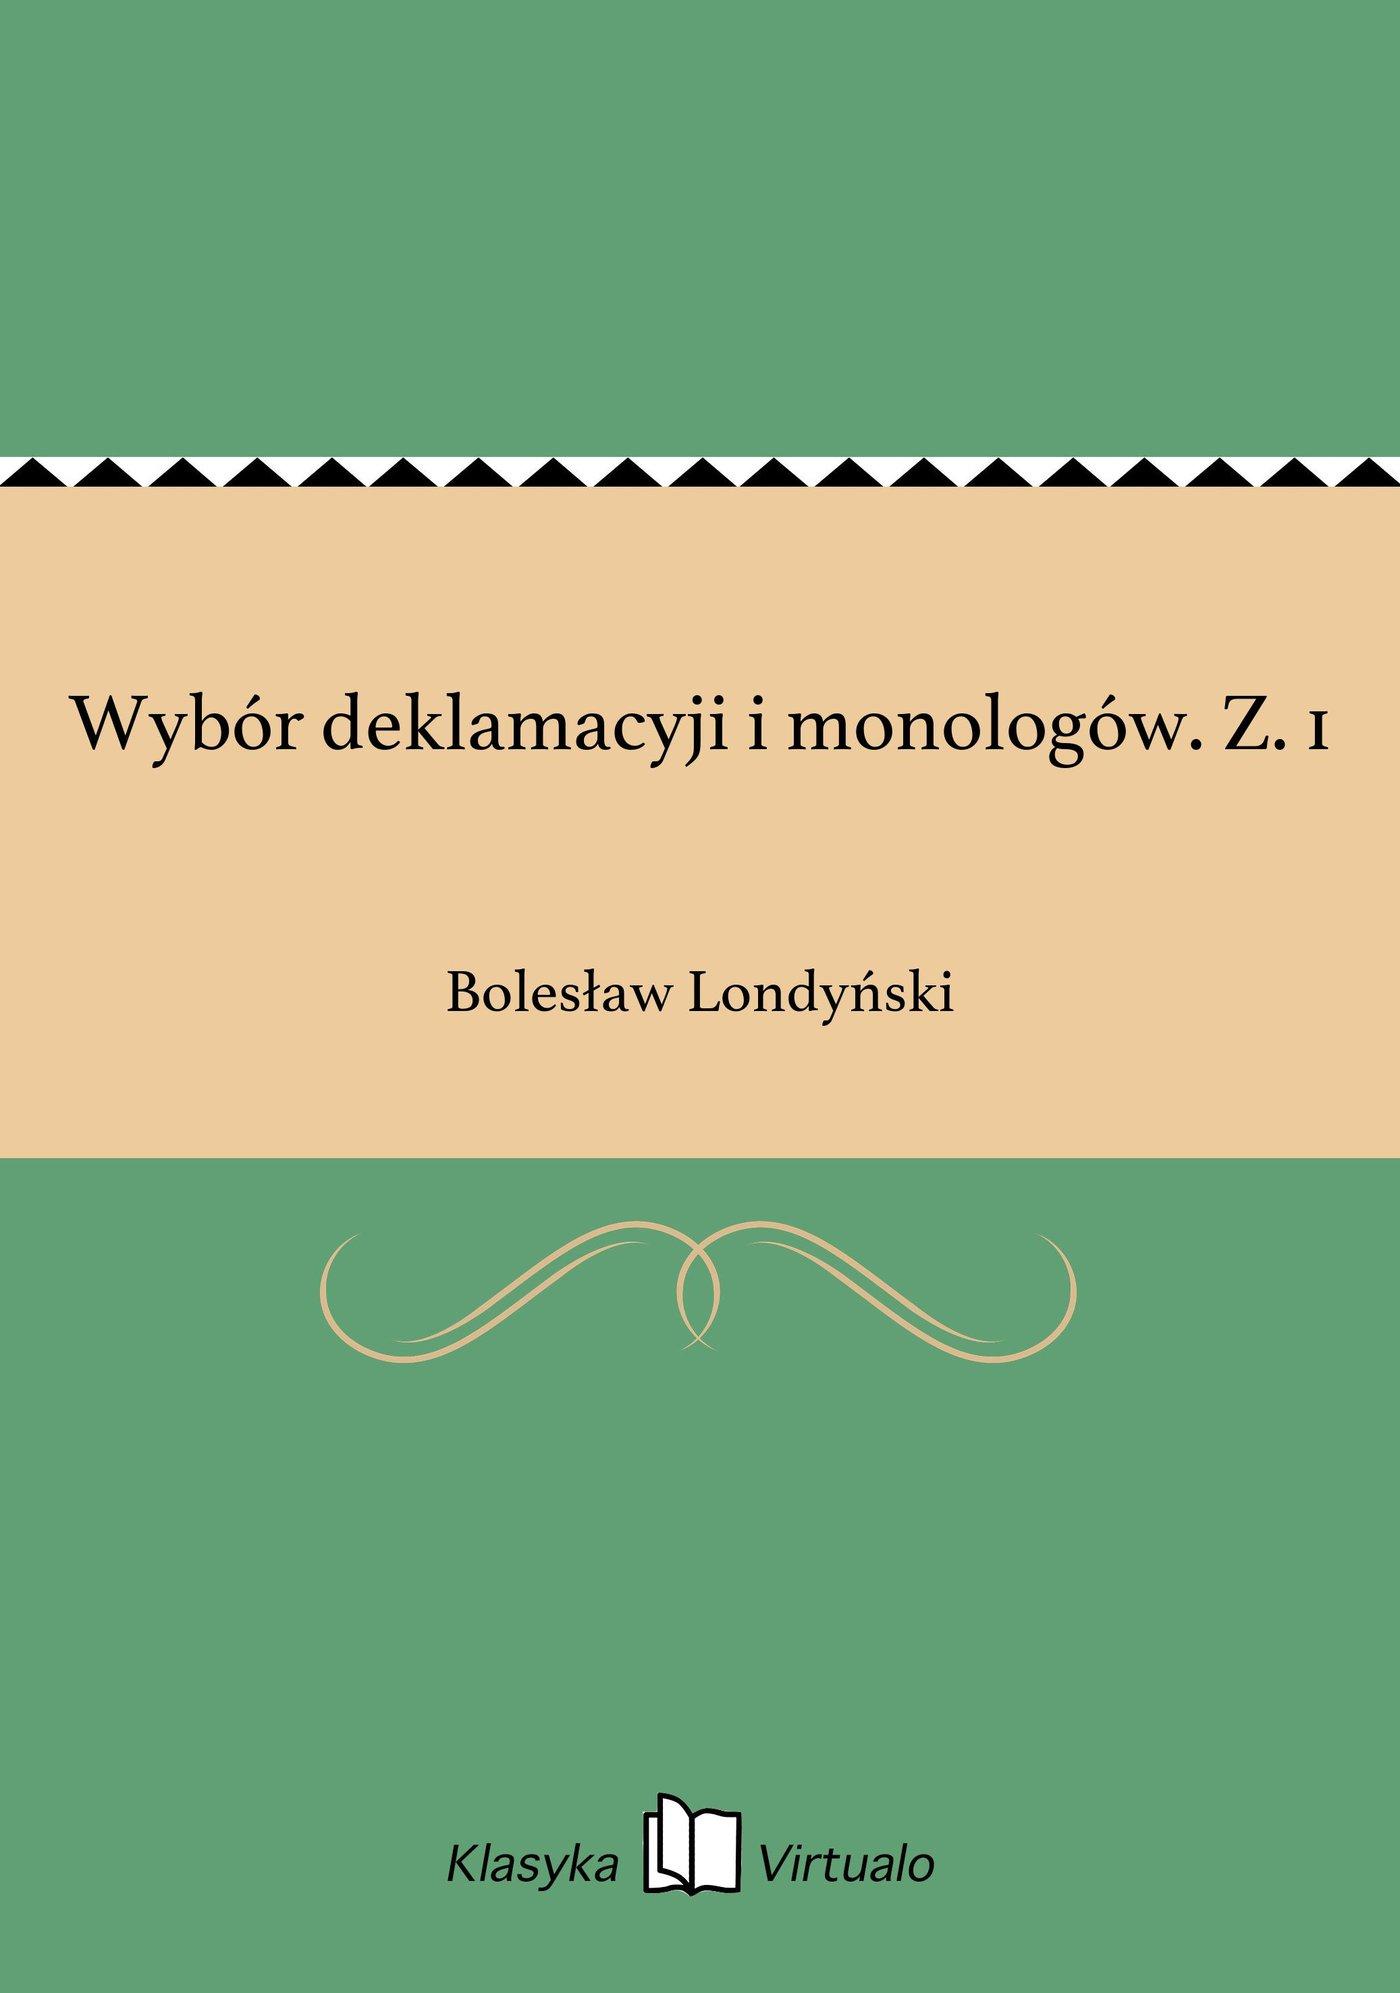 Wybór deklamacyji i monologów. Z. 1 - Ebook (Książka EPUB) do pobrania w formacie EPUB